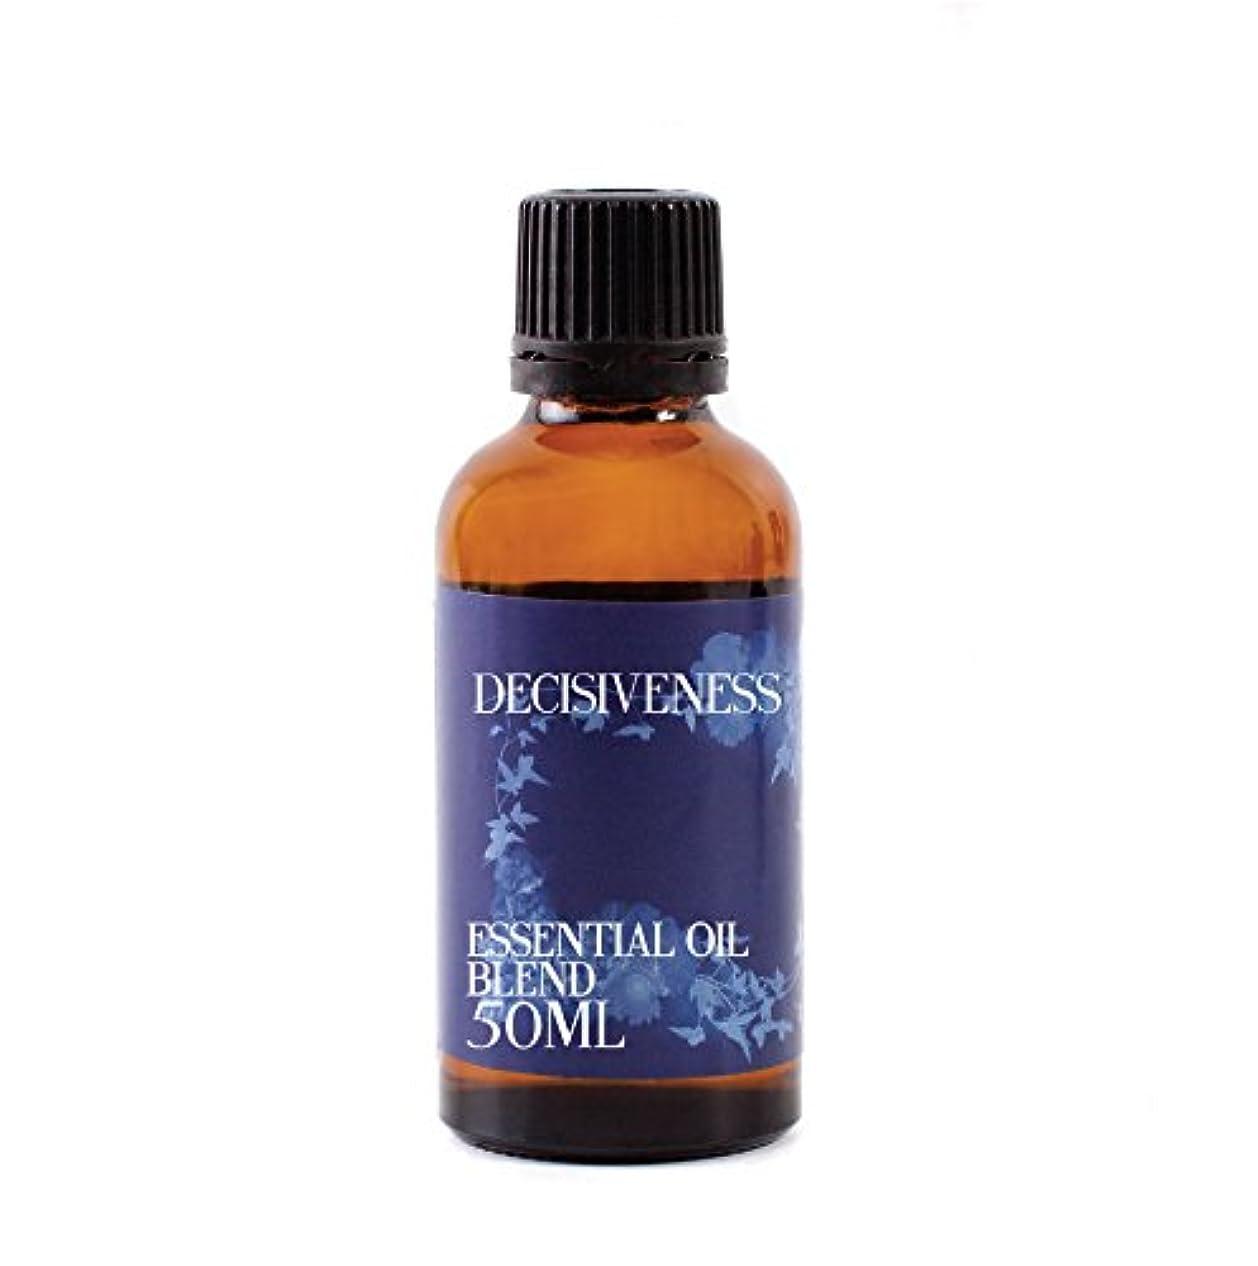 朝の体操をするゴネリルブロッサムMystic Moments | Decisiveness Essential Oil Blend - 50ml - 100% Pure